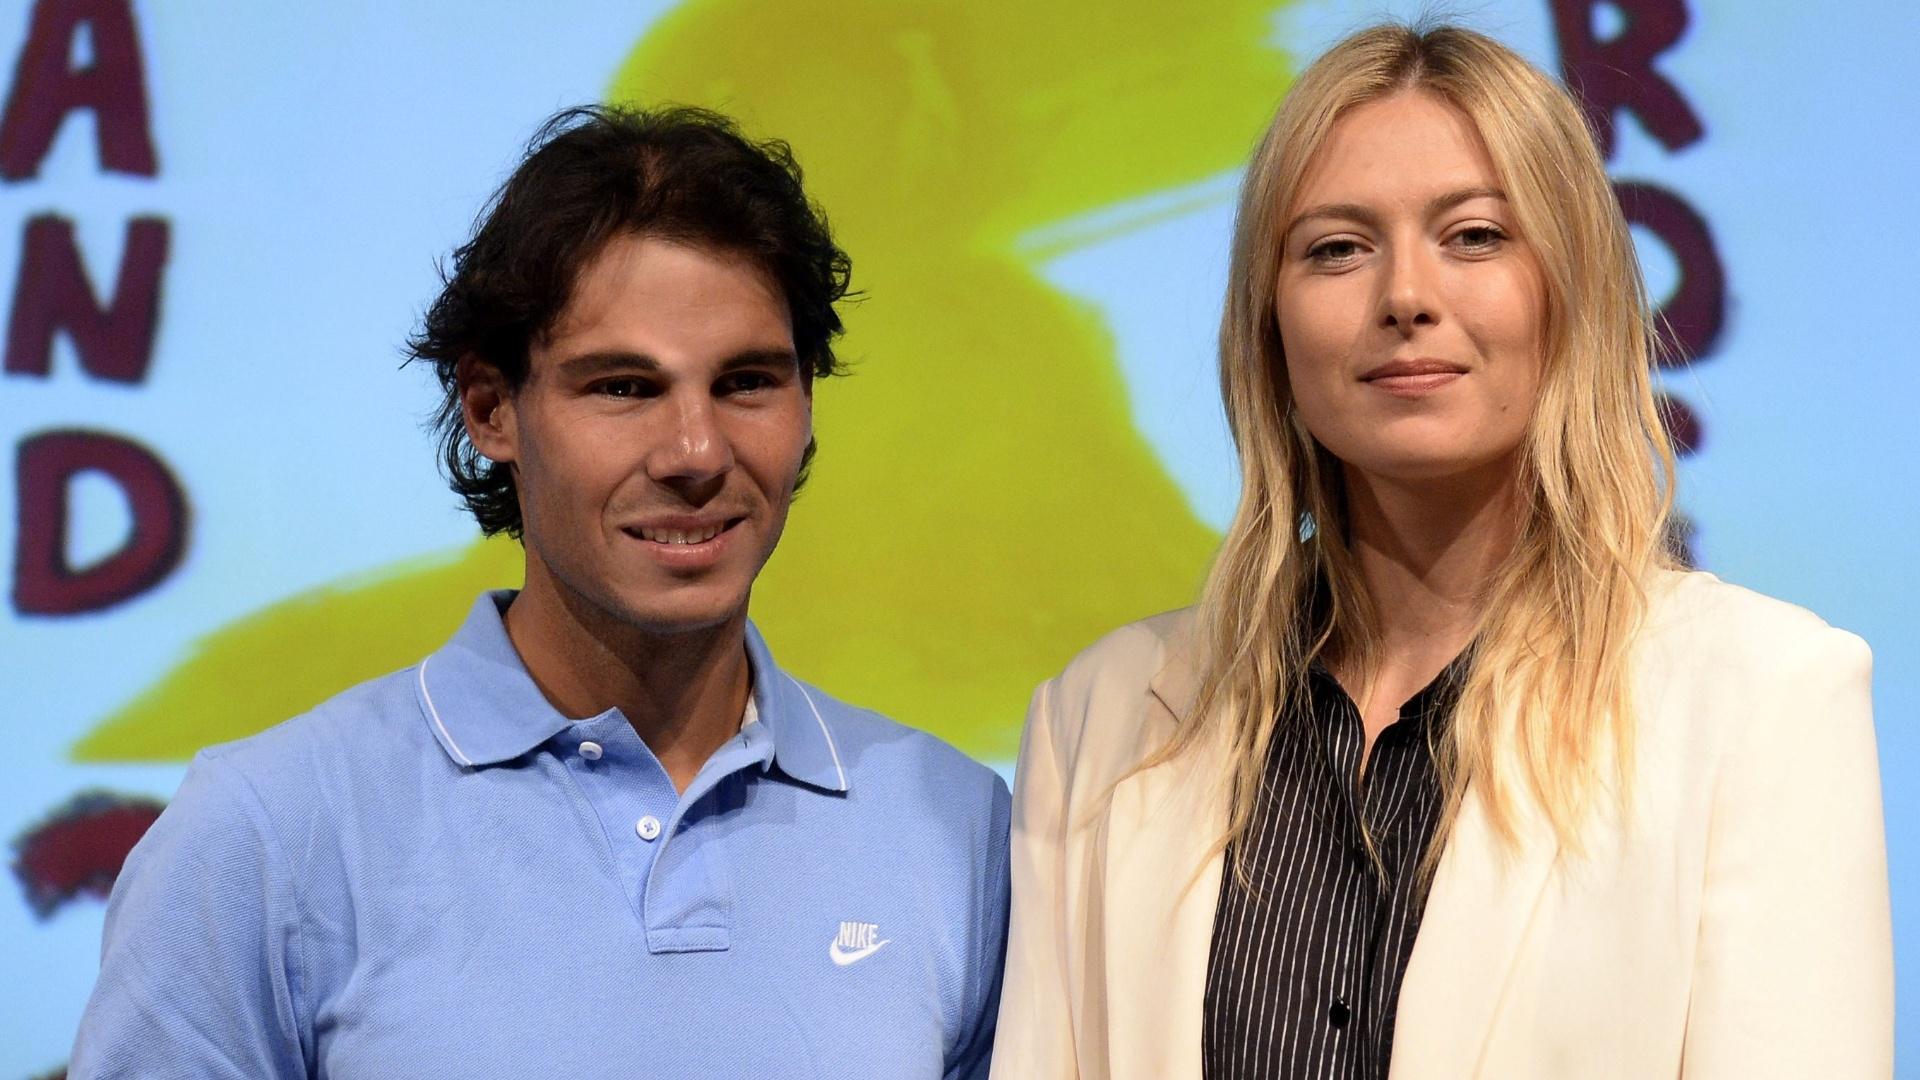 24.mai.2013 - Atuais campeões, Rafael Nadal e Maria Sharapova posam para fotos durante sorteio das chaves de Roland Garros 2013